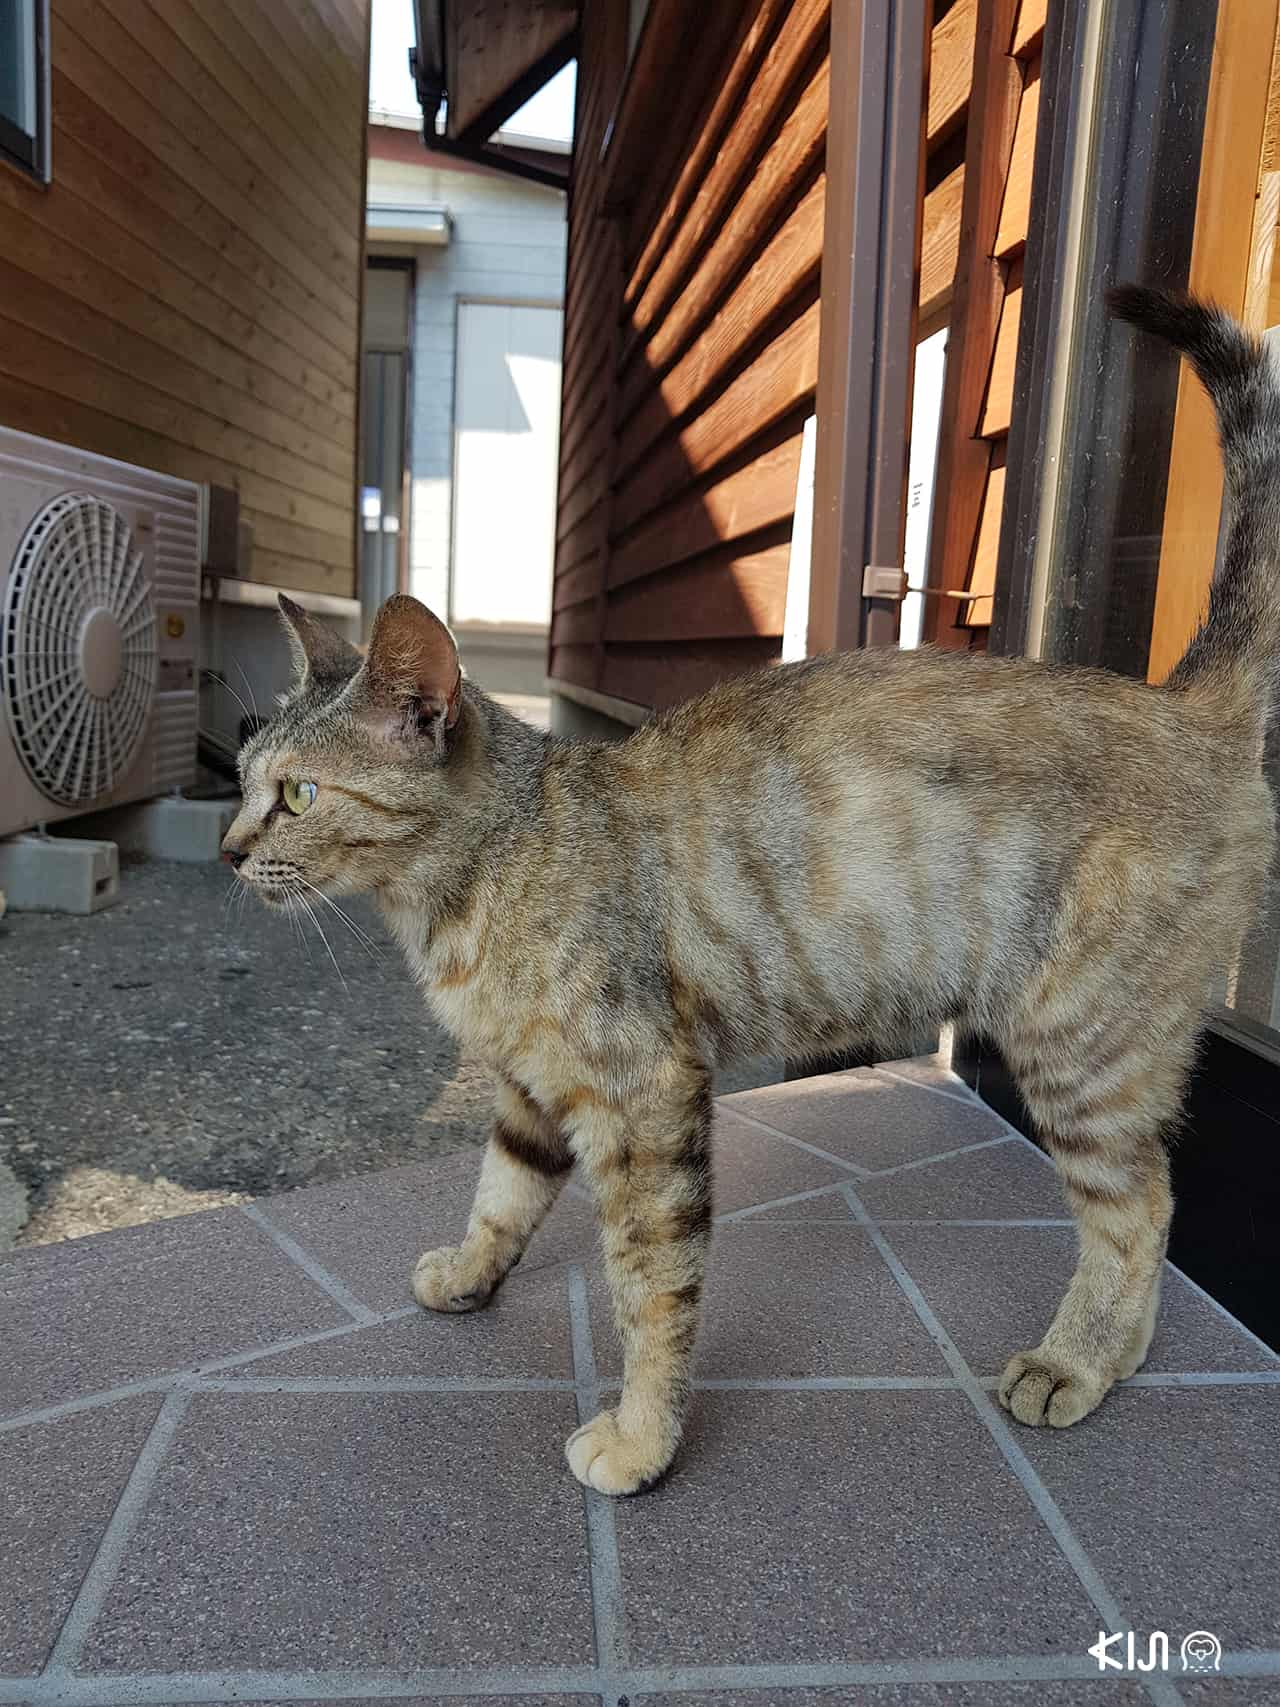 ที่ท่องเที่ยวมีแมวในญี่ปุ่น : เกาะลอยเอะโนะชิม่า จังหวัดคานางาวะ